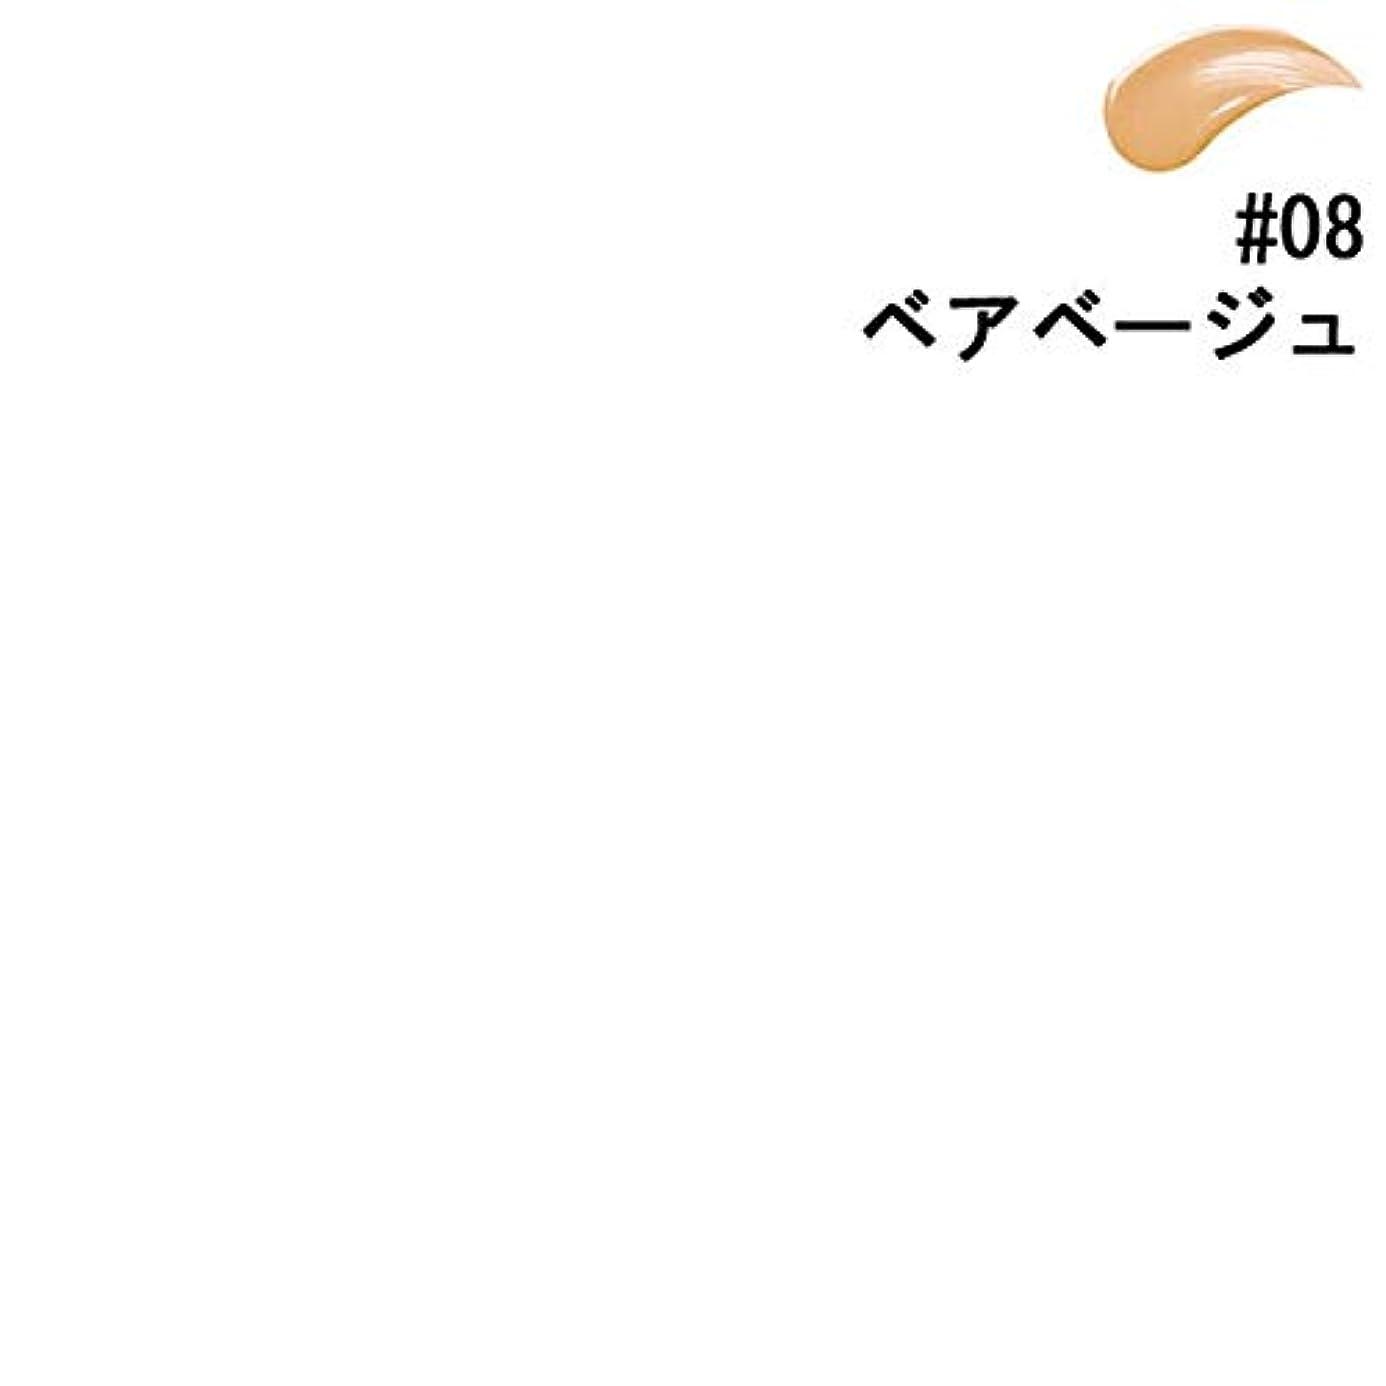 クリア化学者クレデンシャル【ベアミネラル】ベアミネラル ベア ファンデーション #08 ベアベージュ 30ml [並行輸入品]